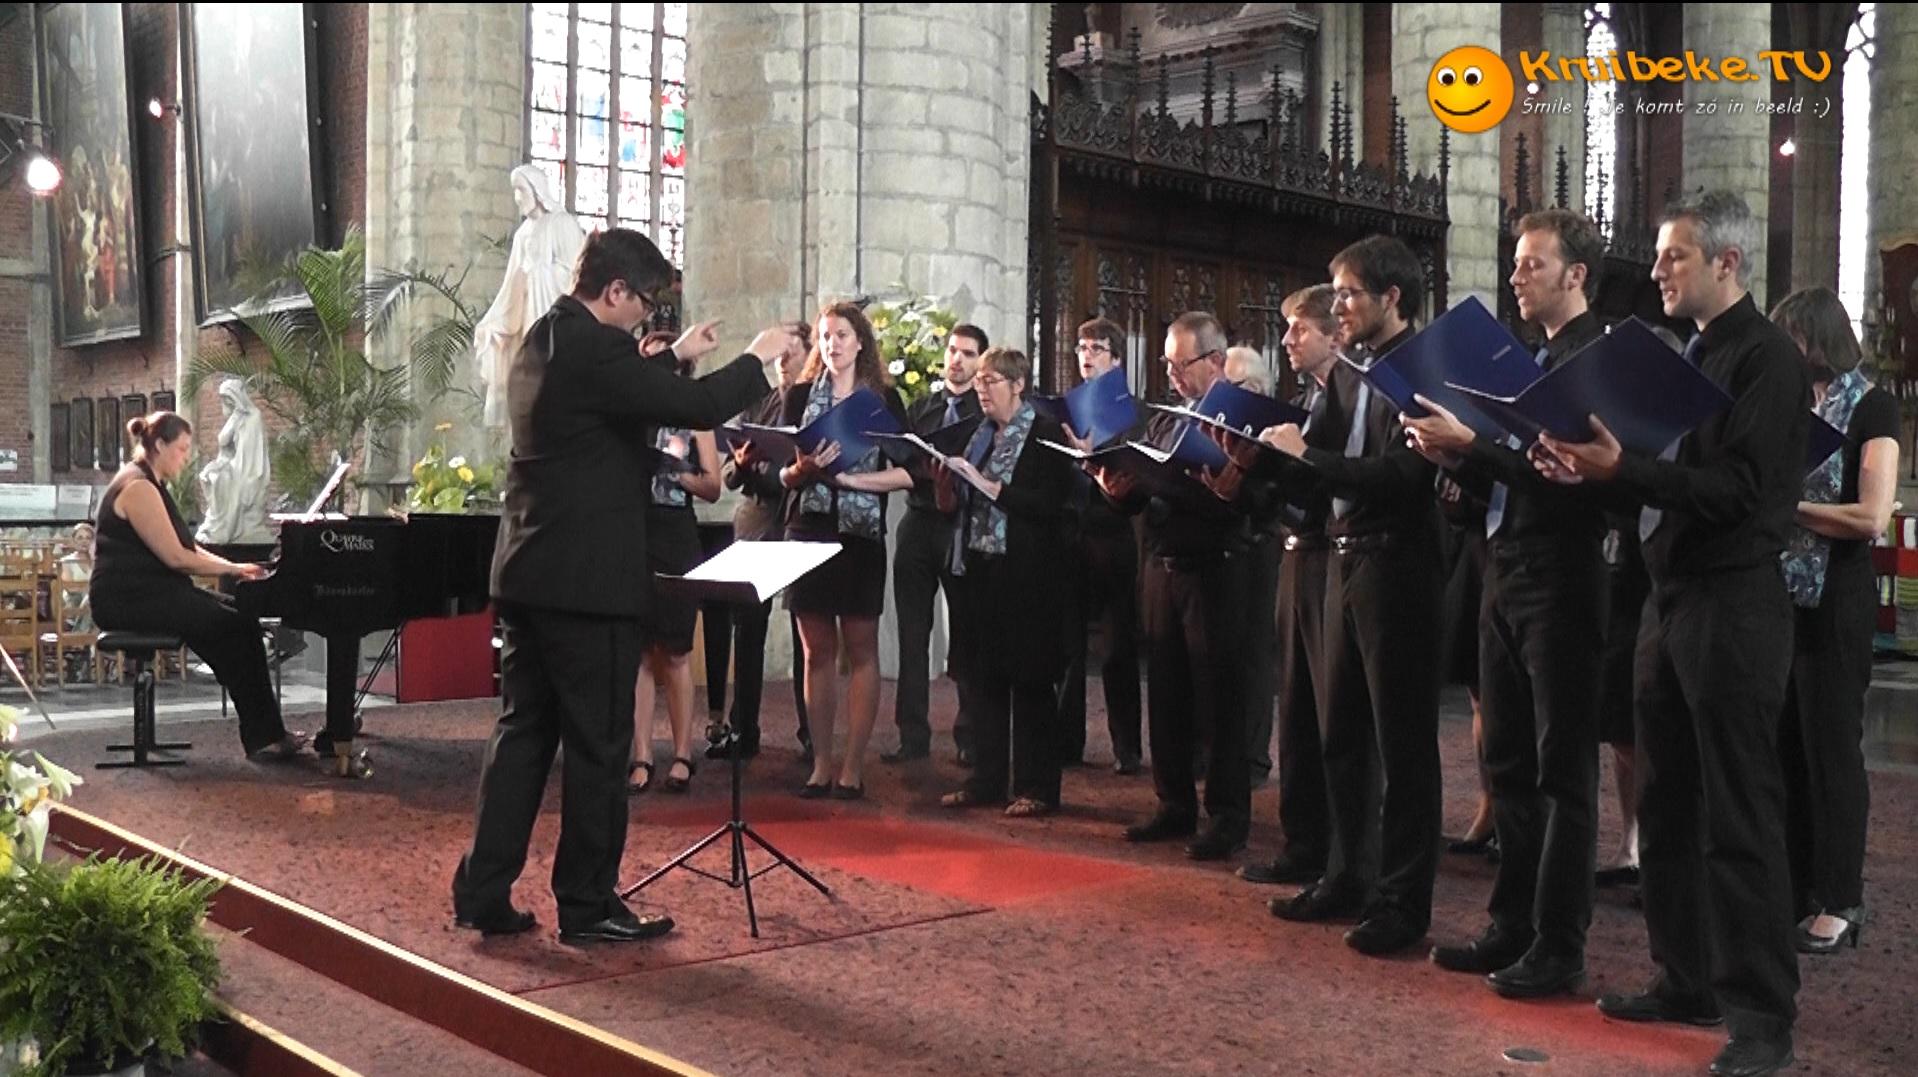 Cantatille op de Gentse Feesten deel 2